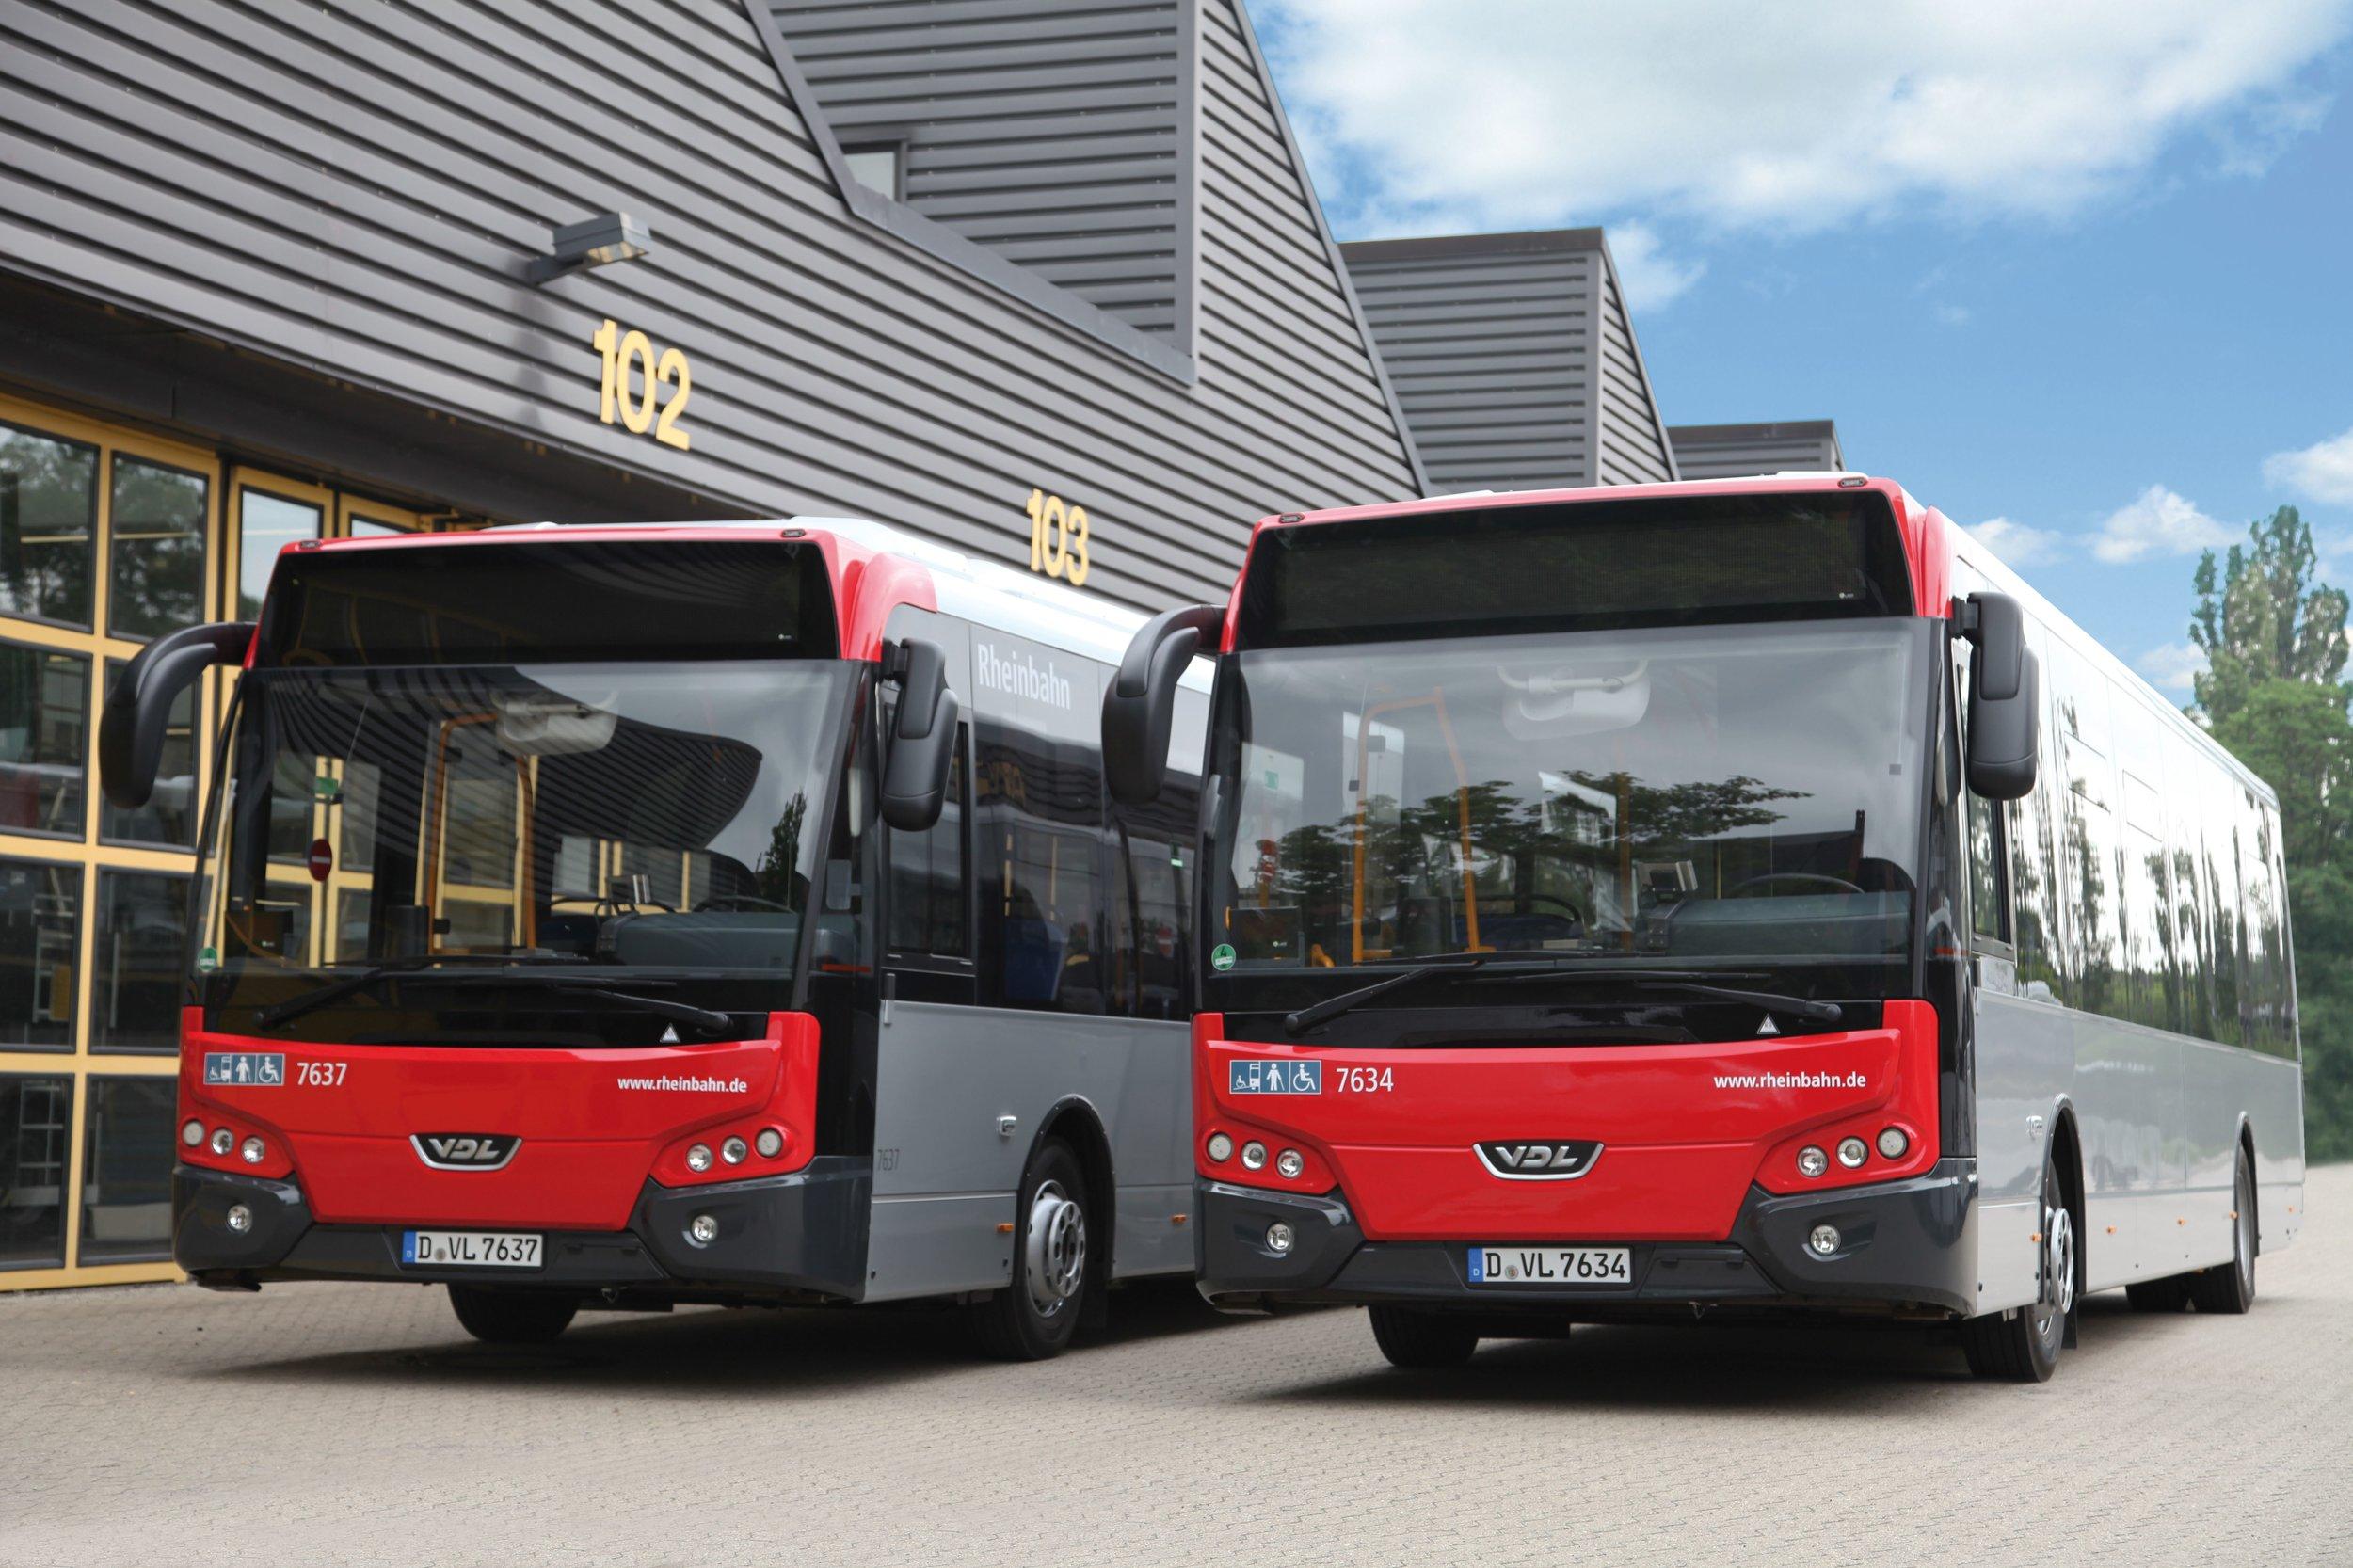 Dopravce Rheinbahn AG provozuje 60 vozů CDL Citea LLE 120 od roku 2013. (foto: VDL Bus & Coach)